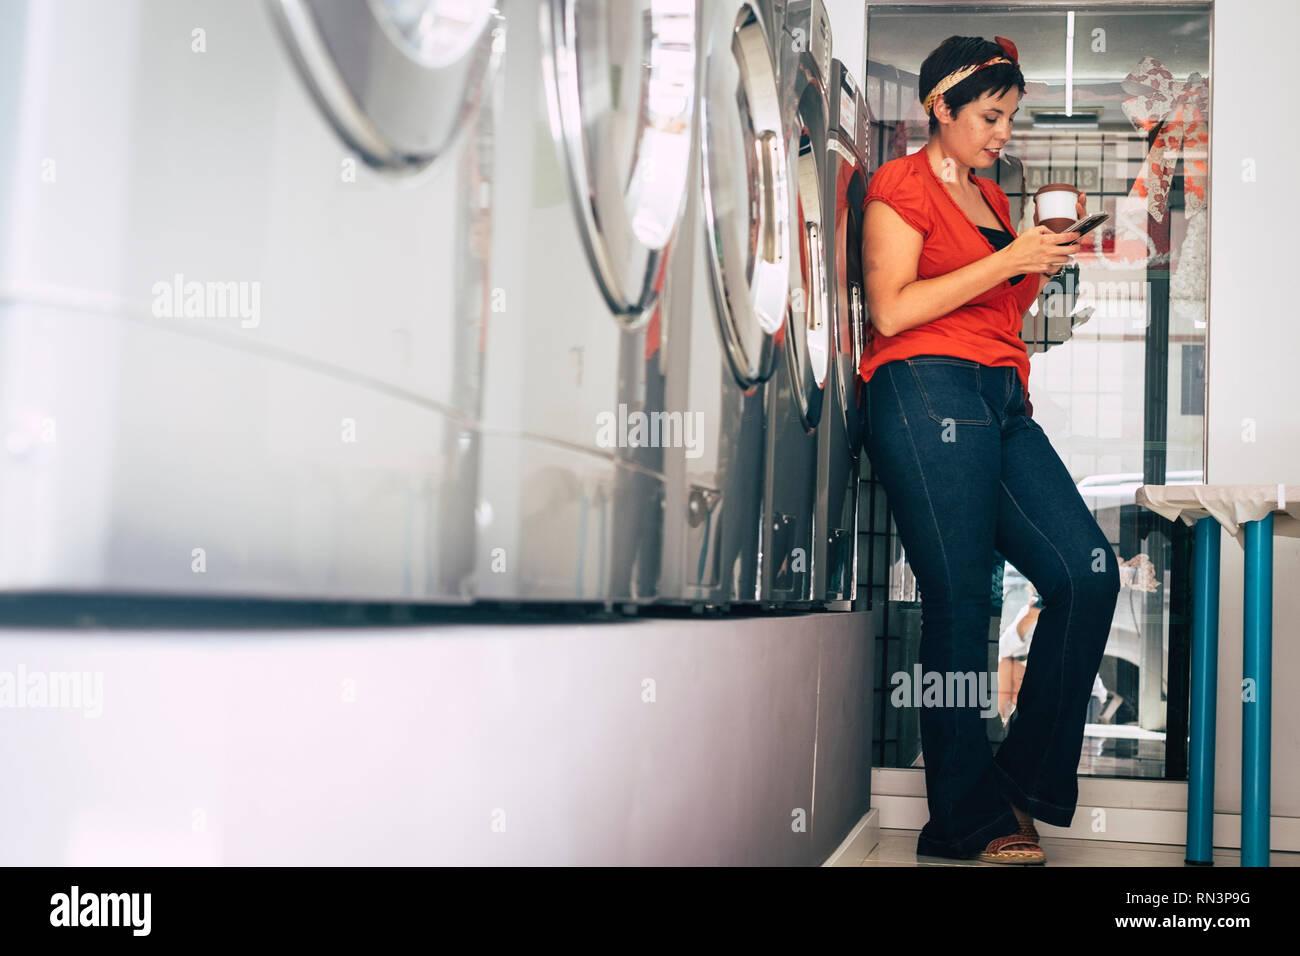 Junge Frau stehen und über Handy, während ihre Kleidung in einer Wäscherei service Shop in der Stadt - moderne Lifestyle zu beschäftigt für Bus gewaschen warten Stockfoto